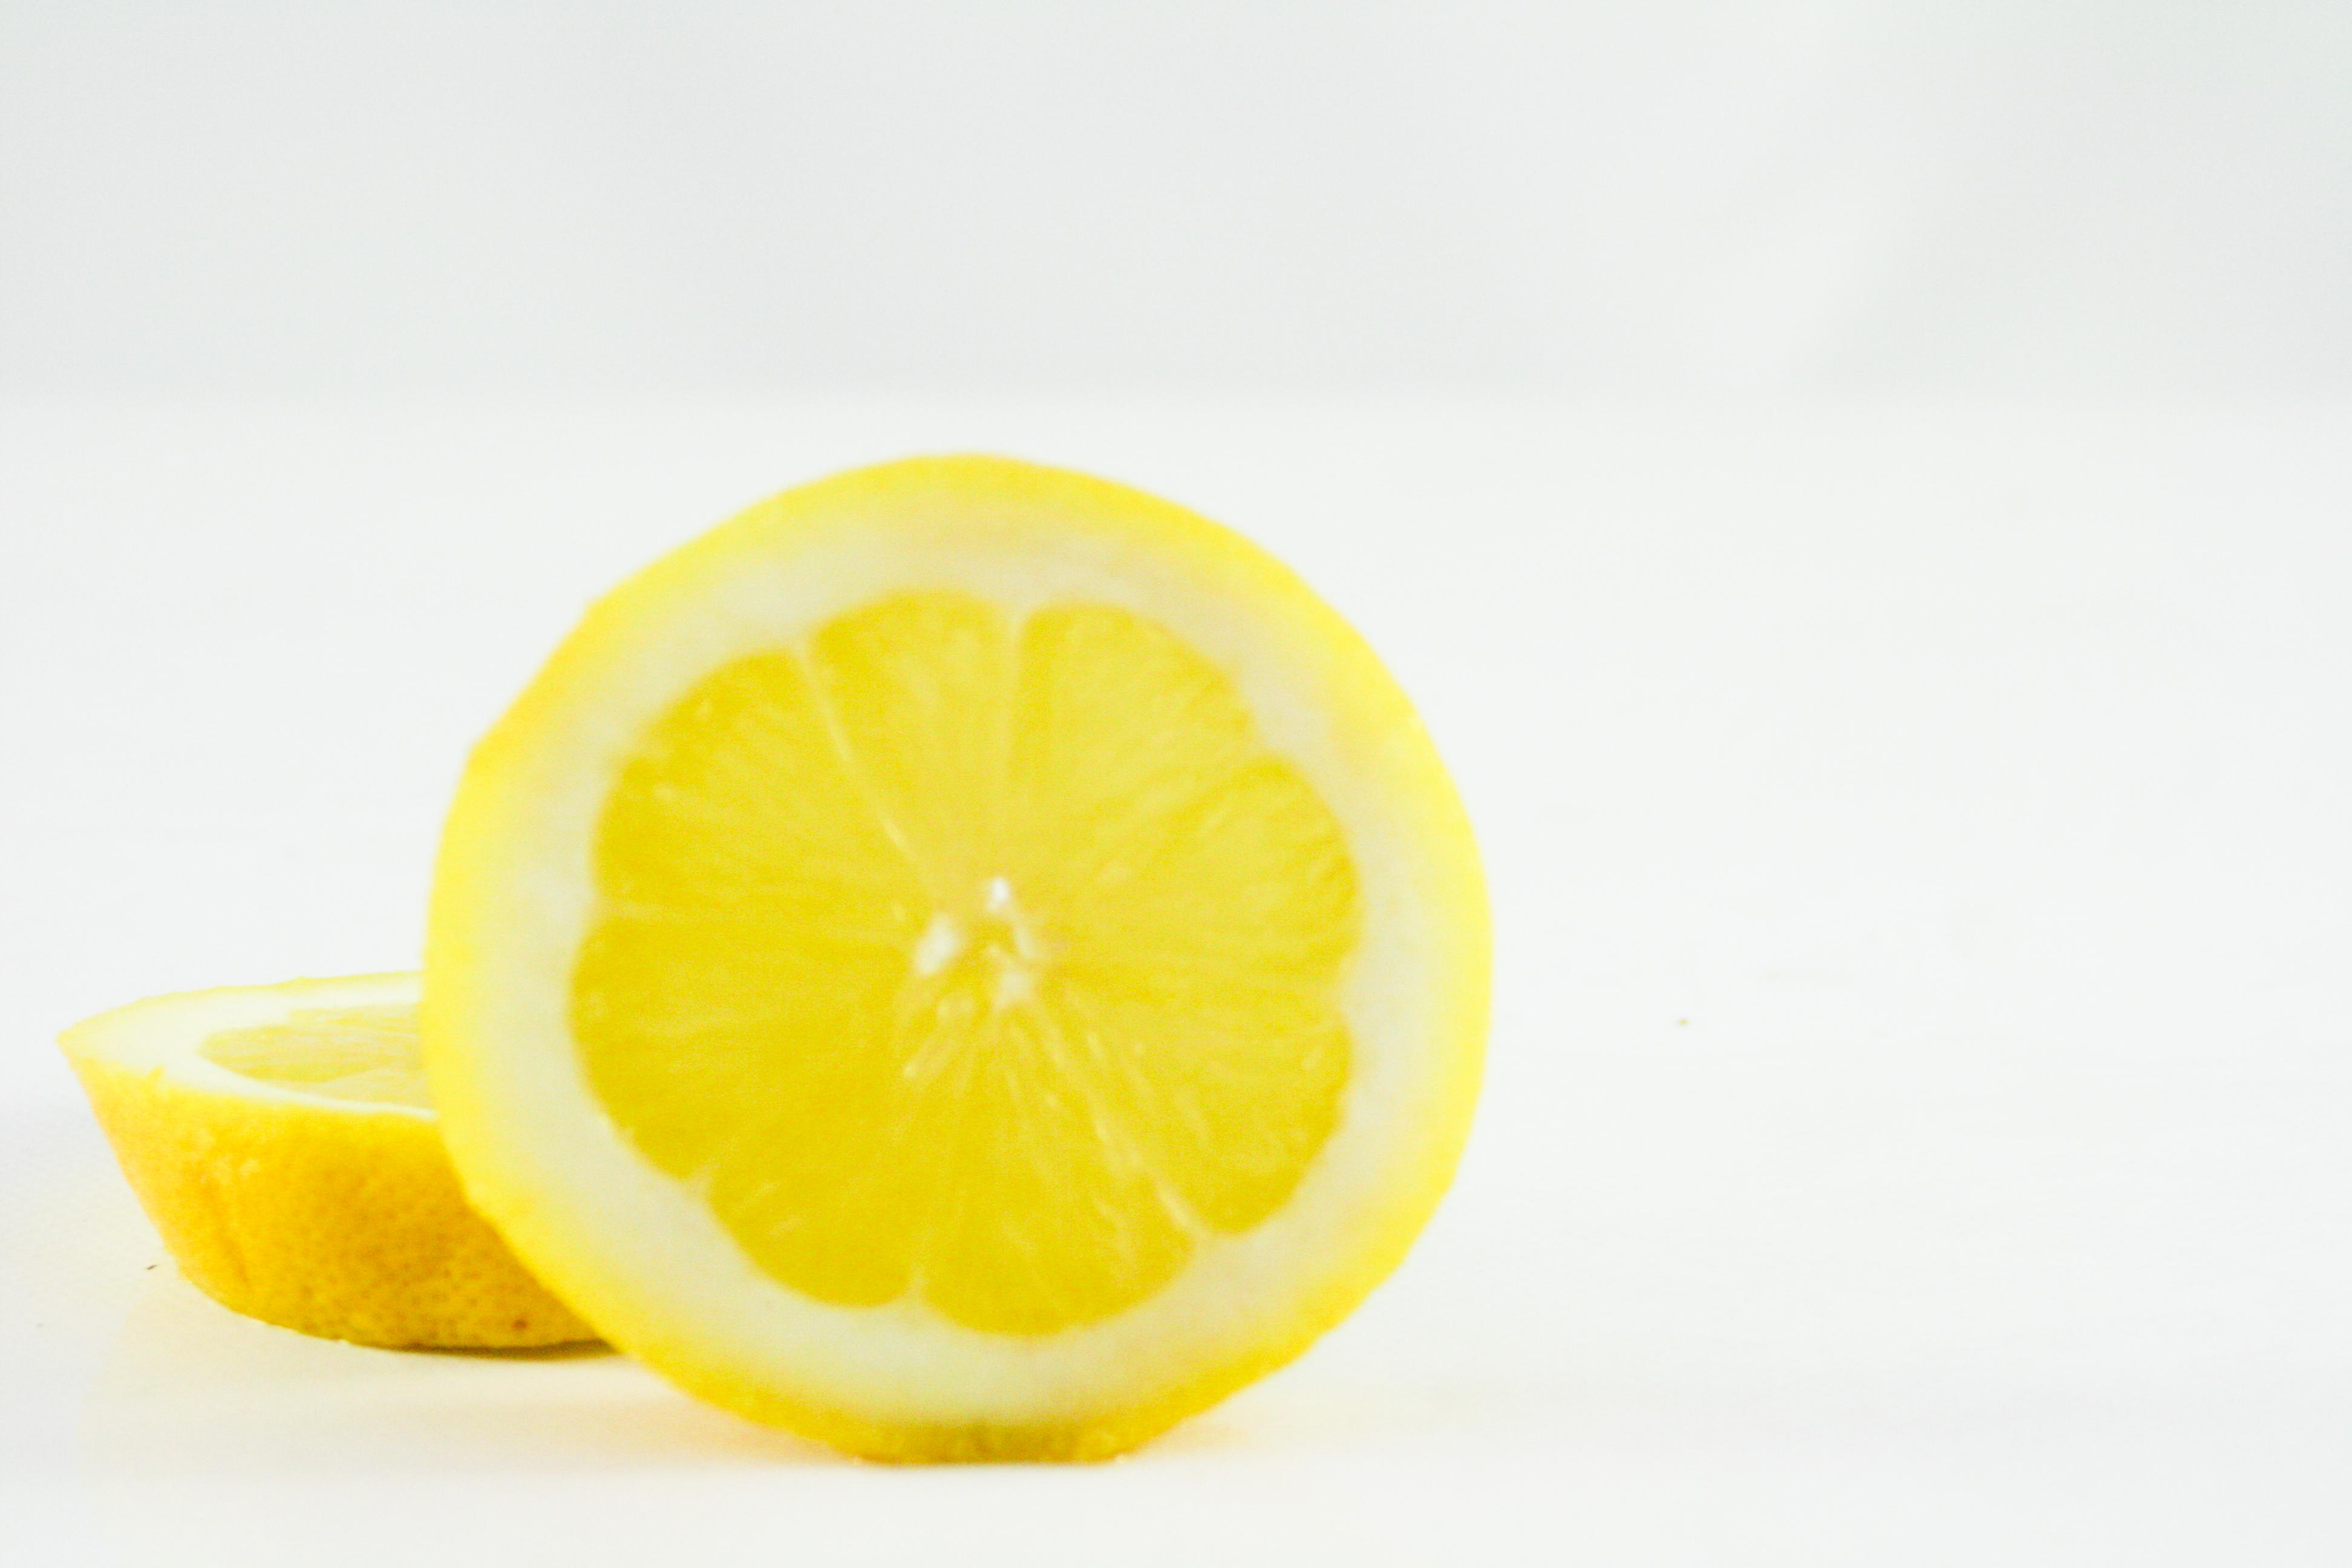 trucos con limon 6